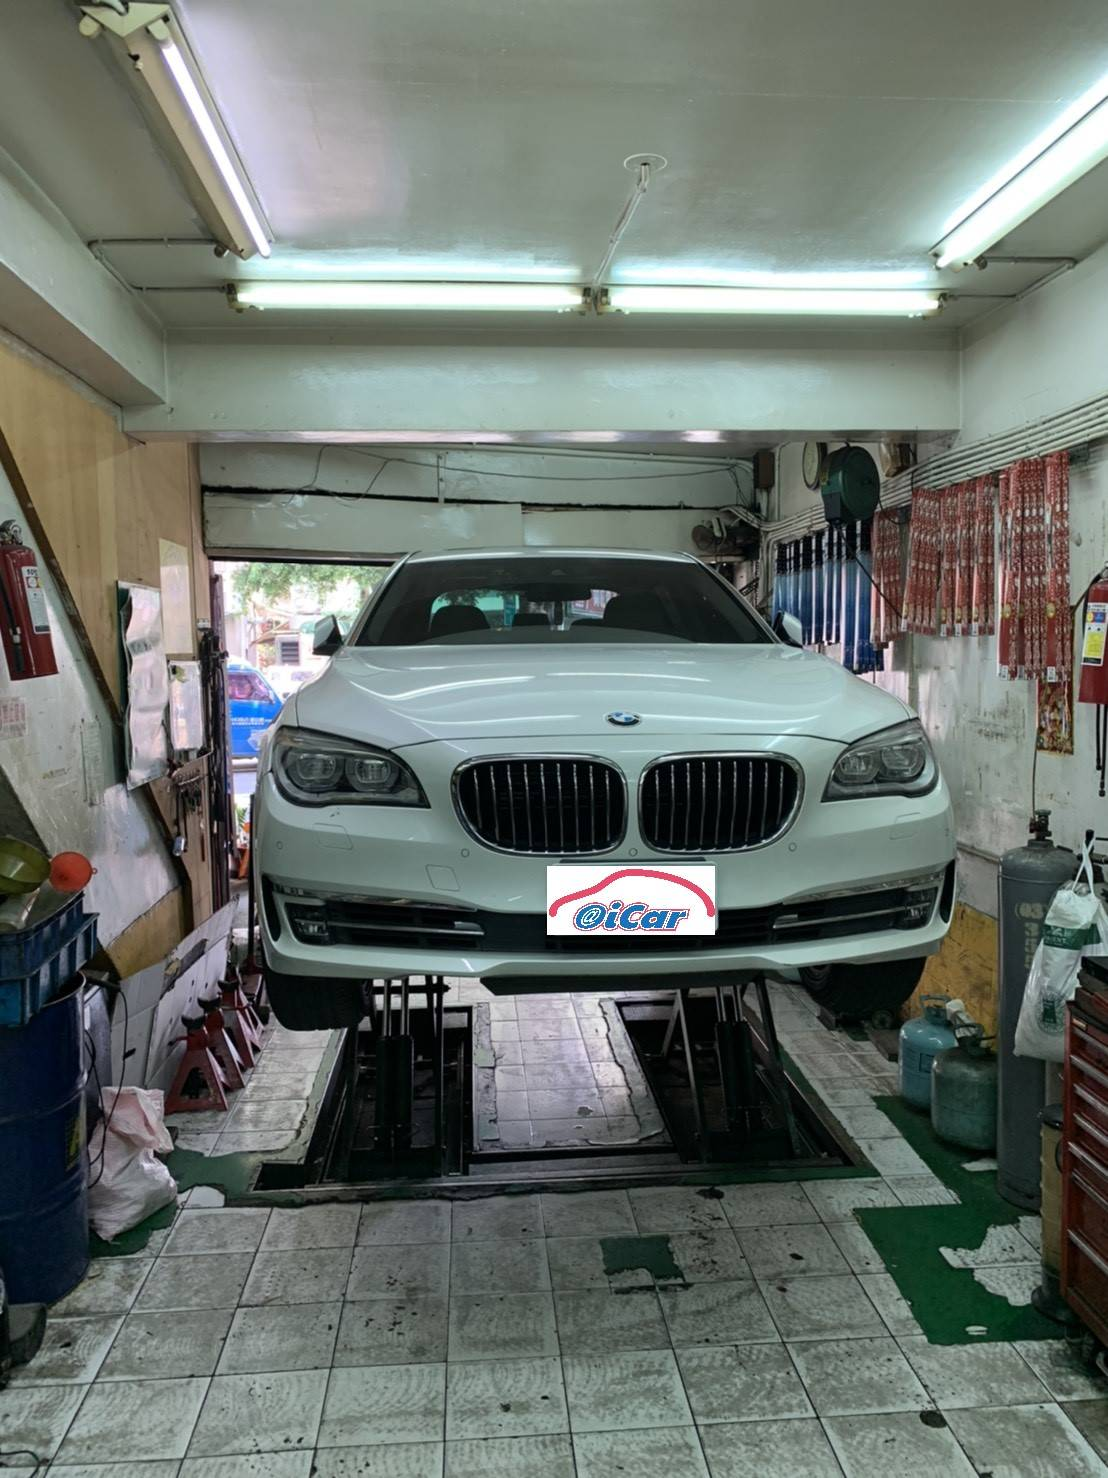 【車都汽車】寶馬/BMW 750/底盤異音原因#底盤摳摳聲#三腳架橡皮破損#BMW原廠技師#鐵套跟換方式#原廠維修價格#台北市士林區BMW推薦維修保養修車廠